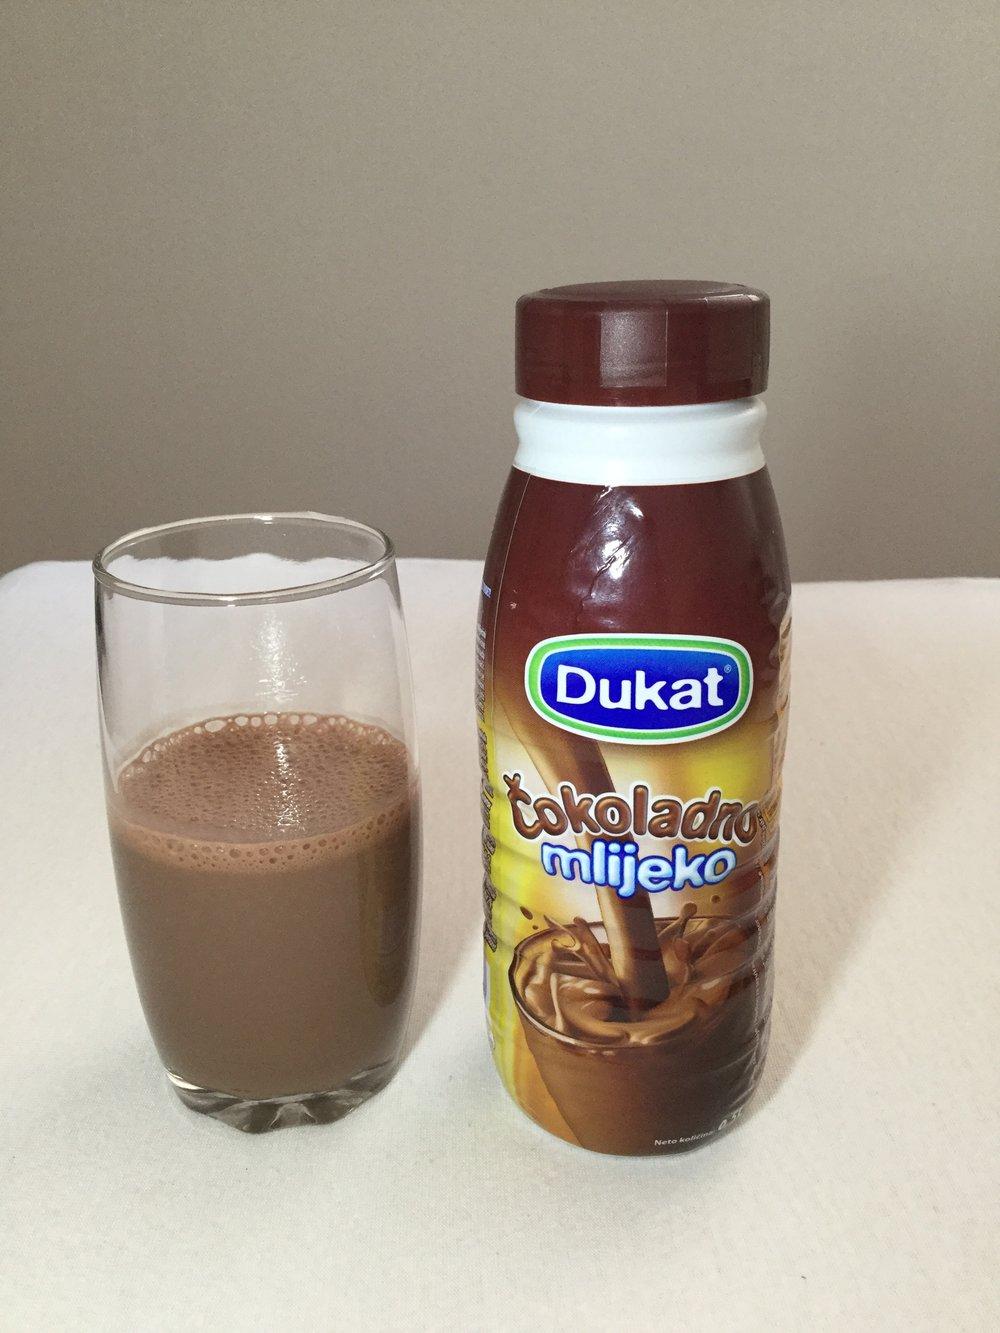 Dukat Čokoladno Mlijeko Cup